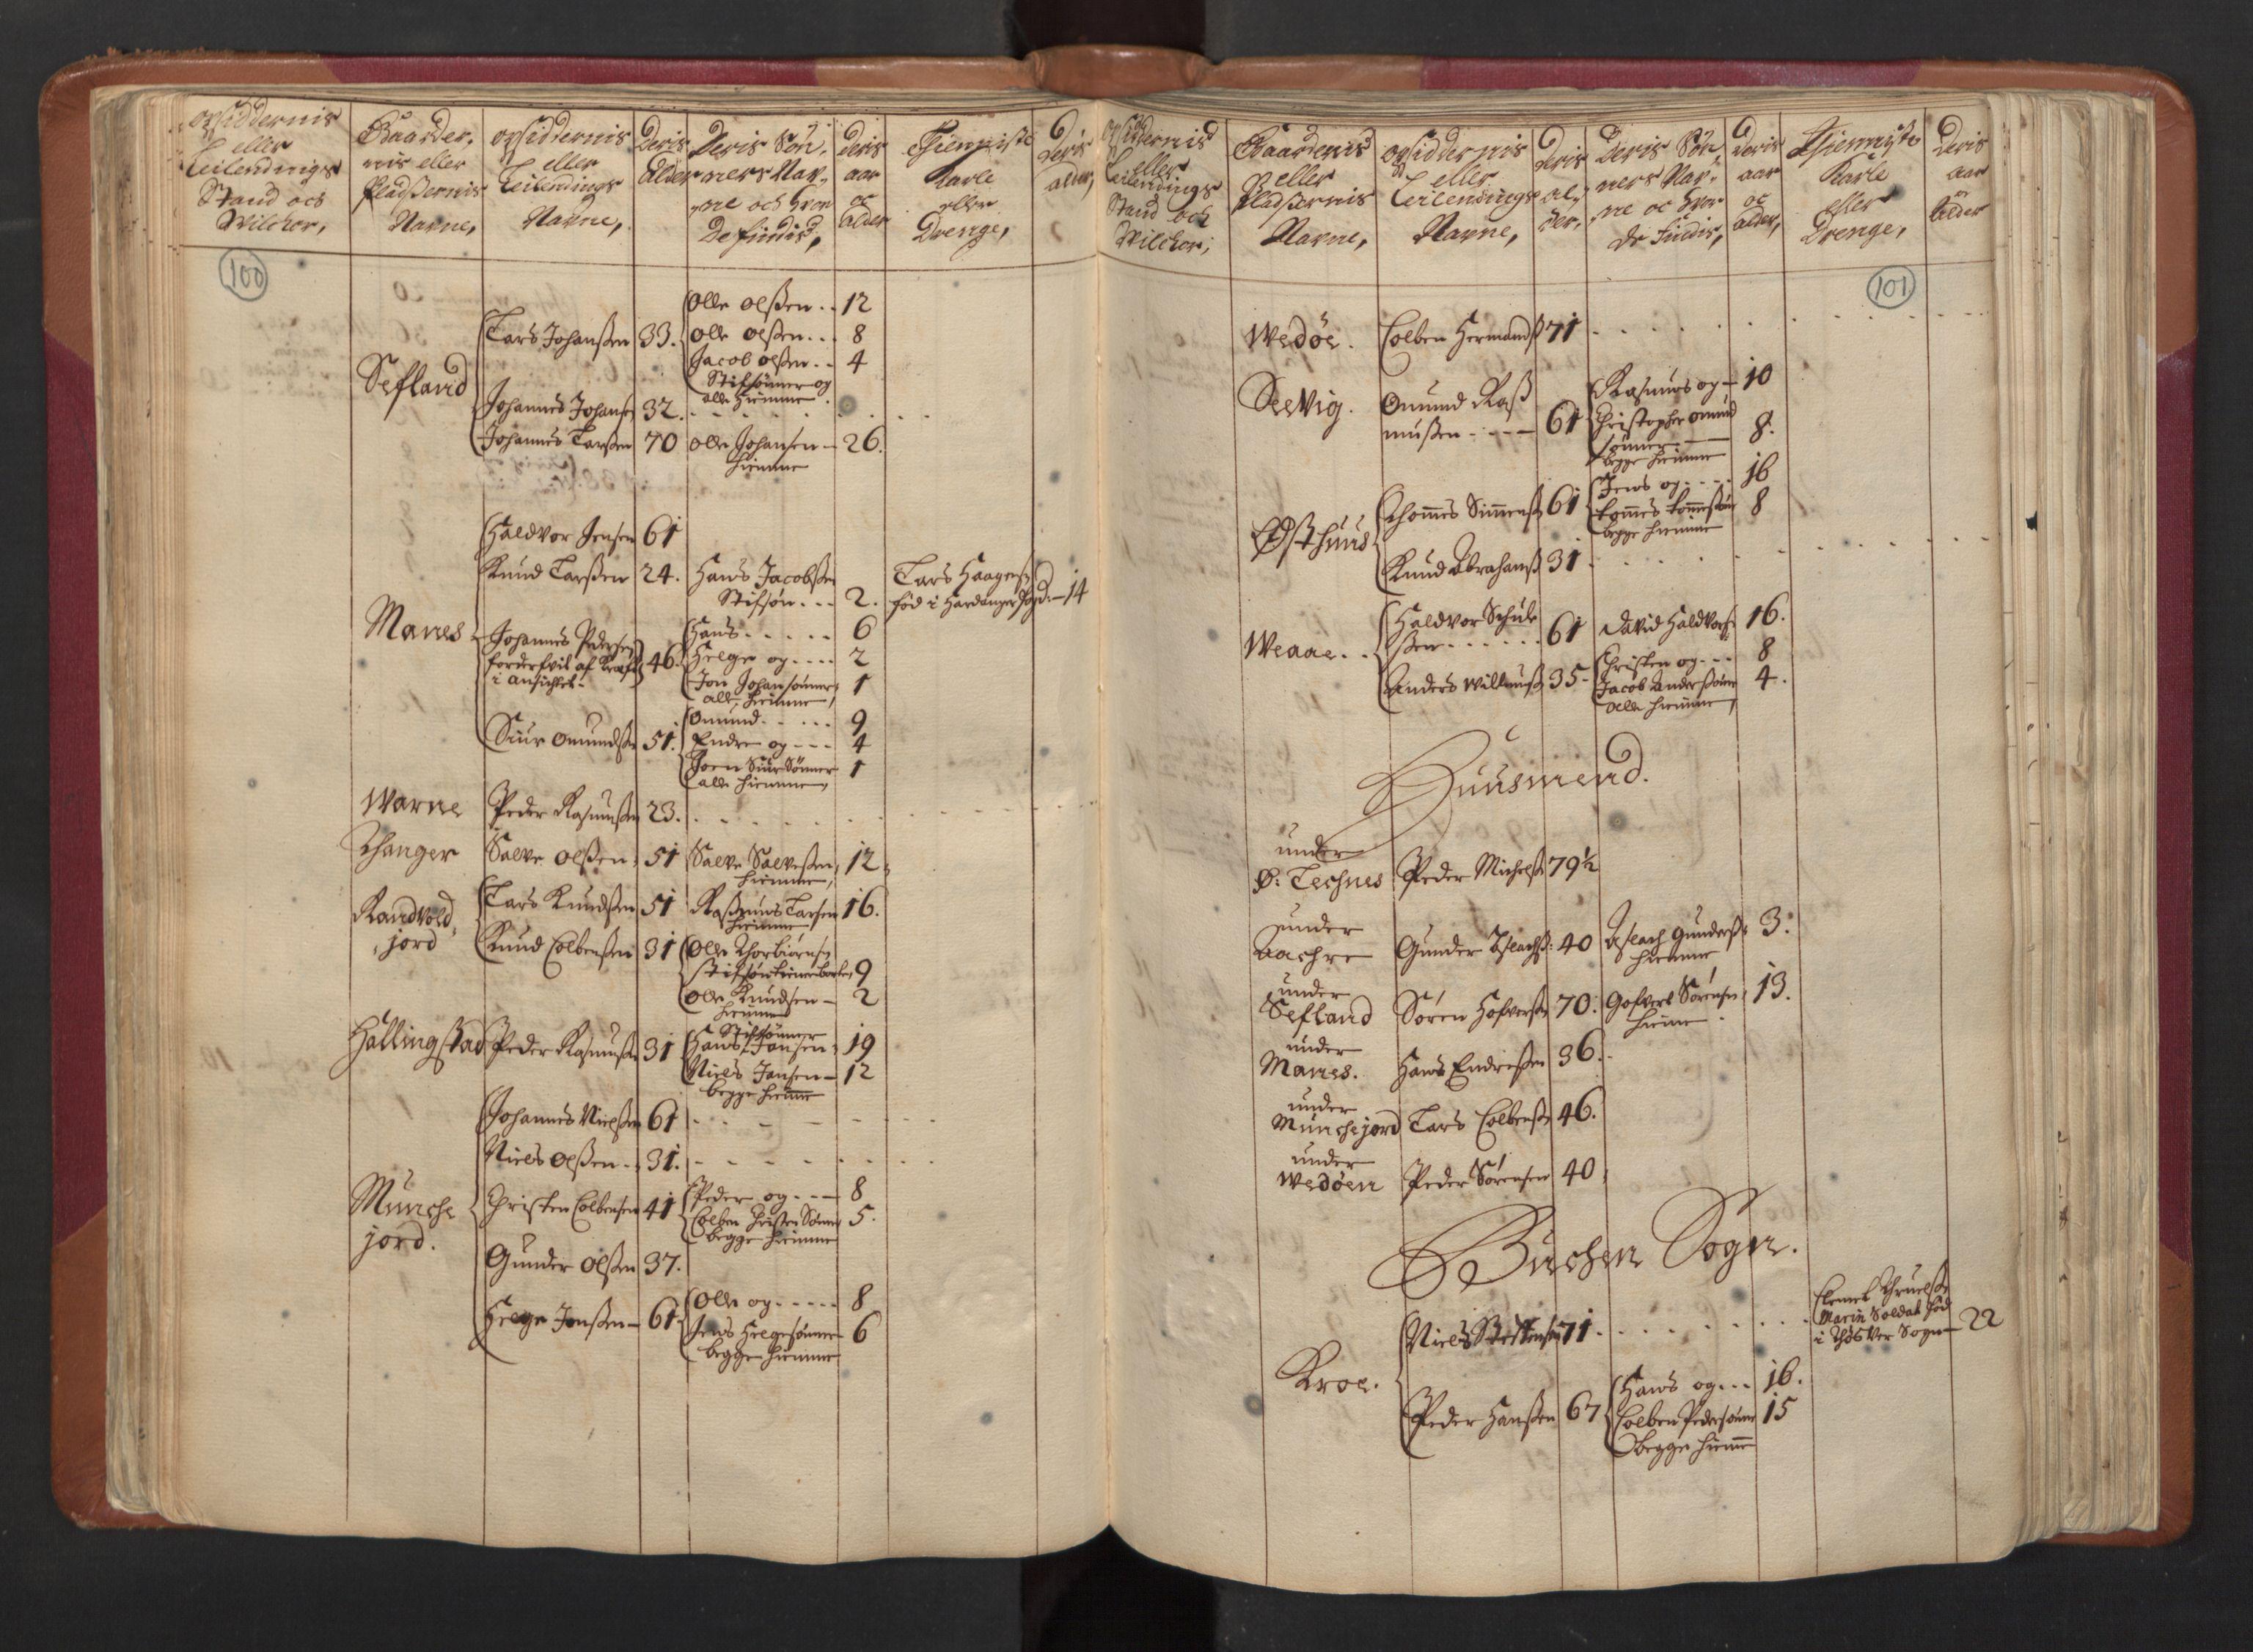 RA, Manntallet 1701, nr. 5: Ryfylke fogderi, 1701, s. 100-101